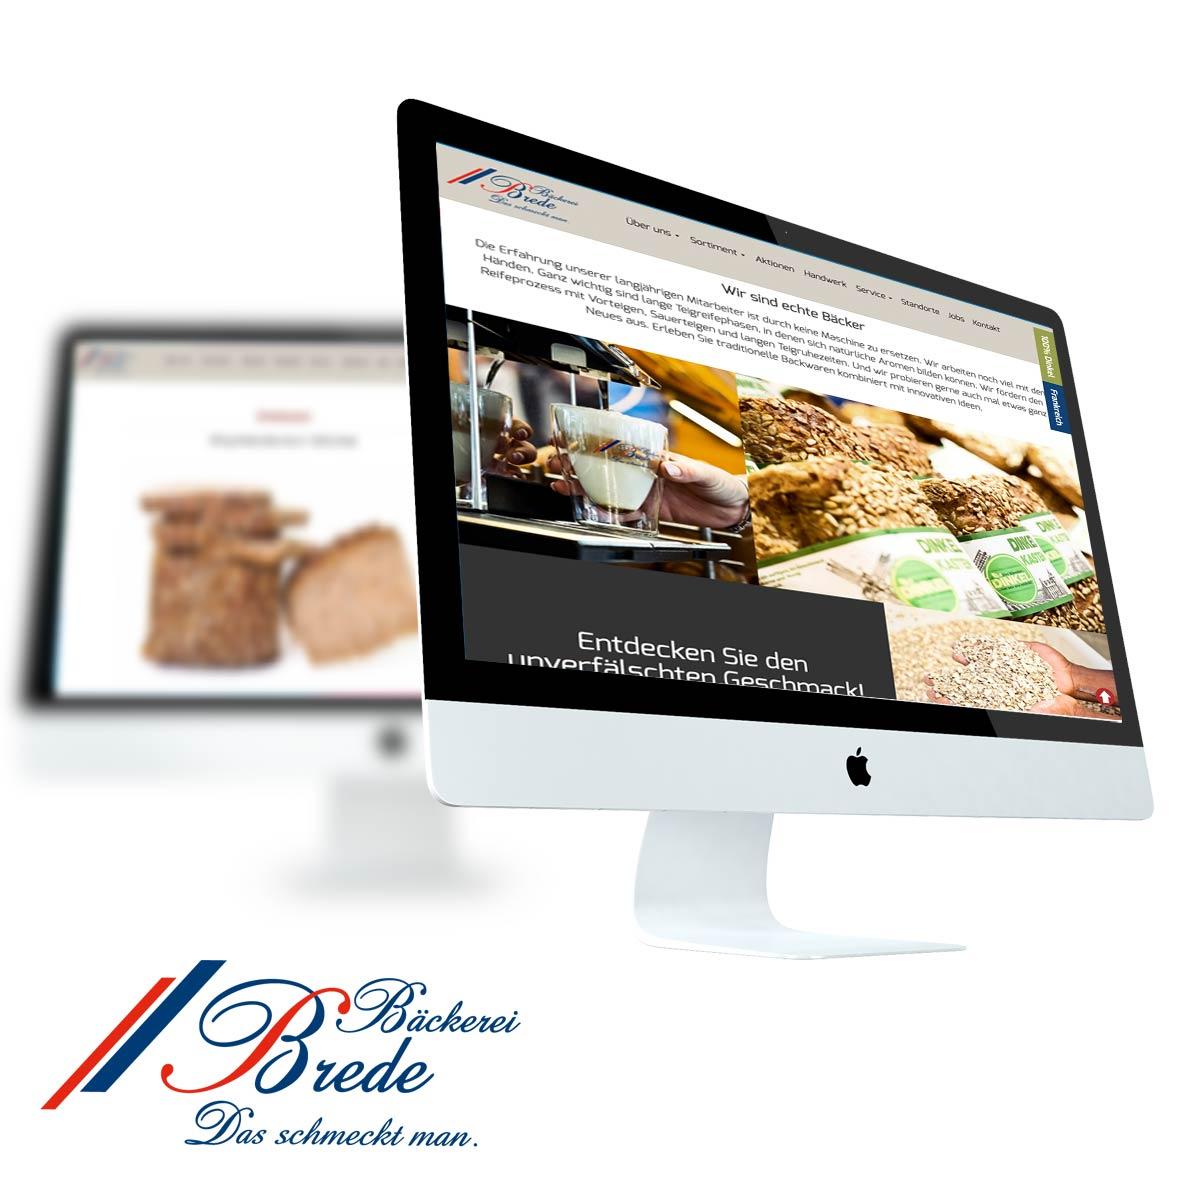 Bäckerei Brede